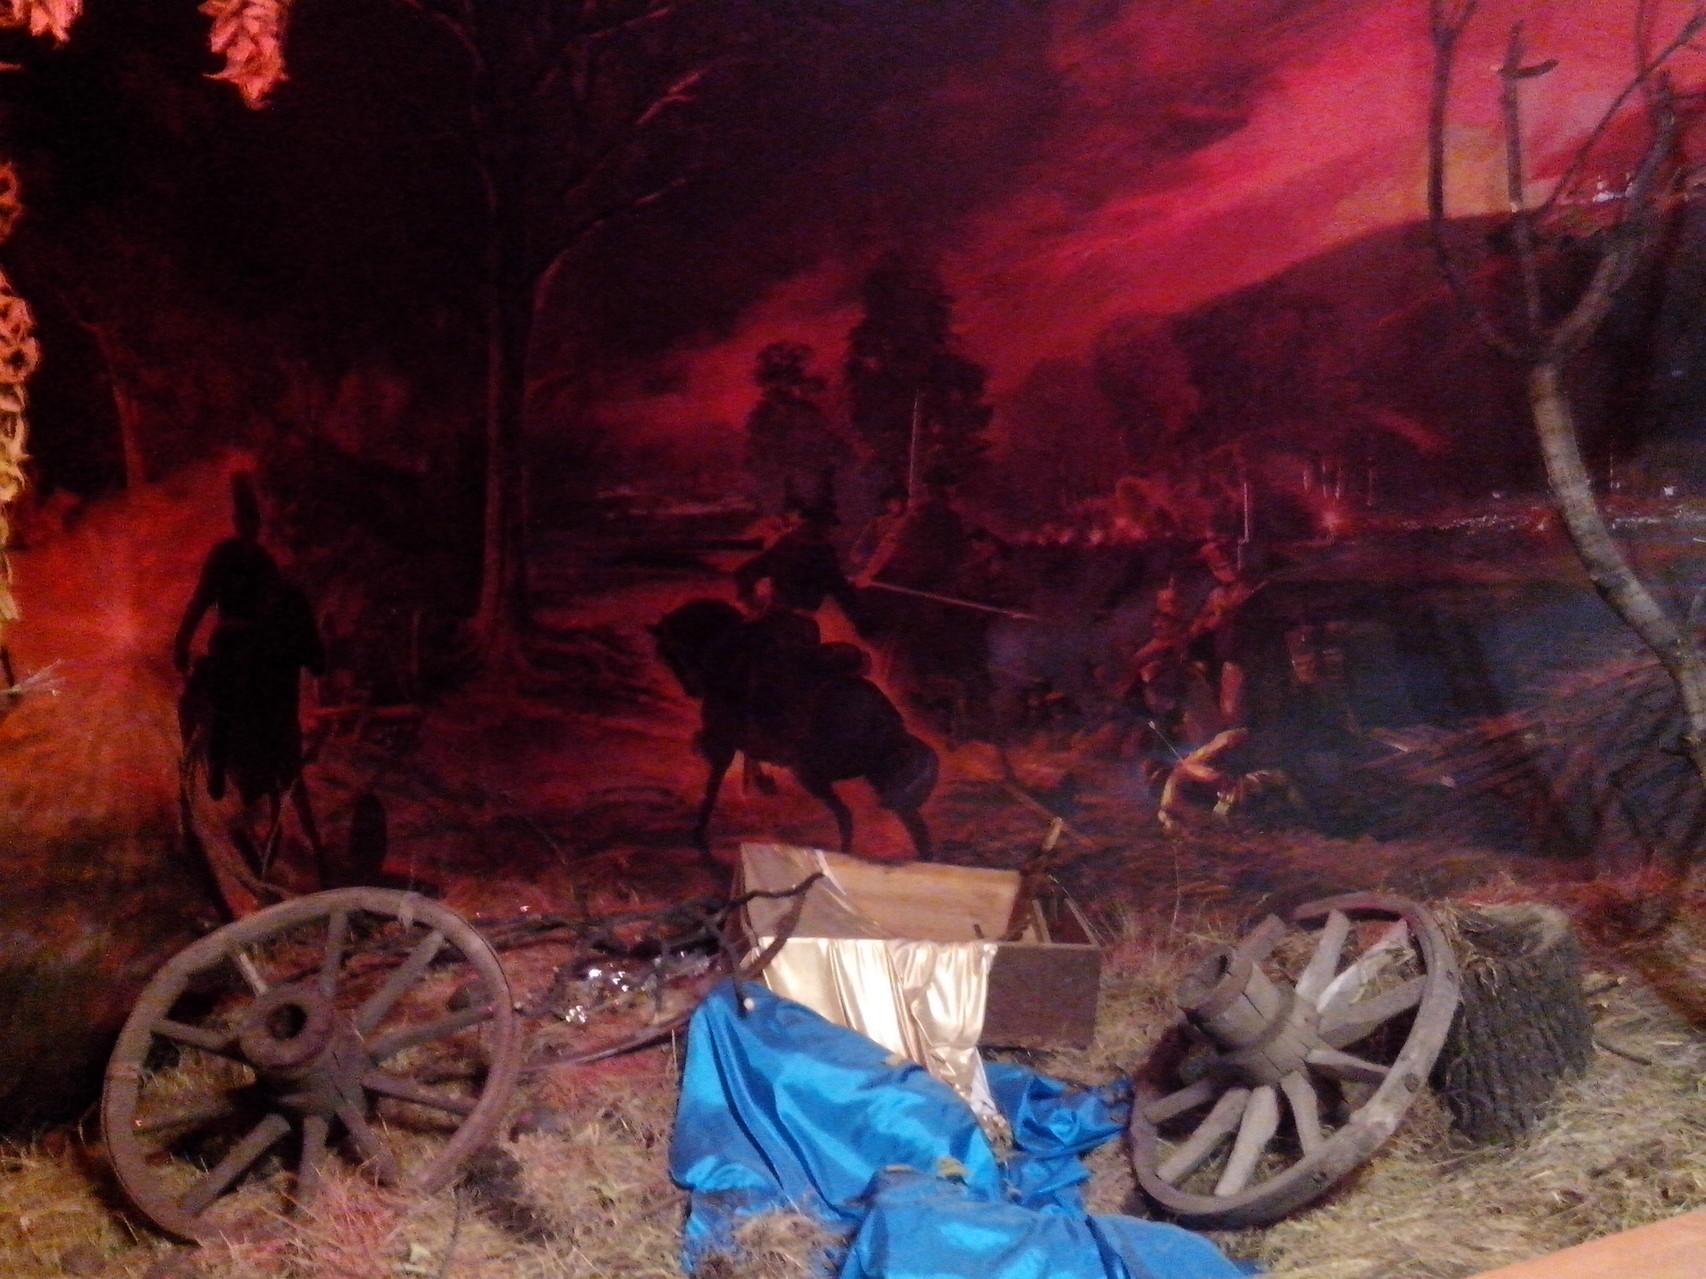 Экспозиция, посвященная участию башкир в Отечественной войне 1812 года. Национальный музей Республики Башкортостан